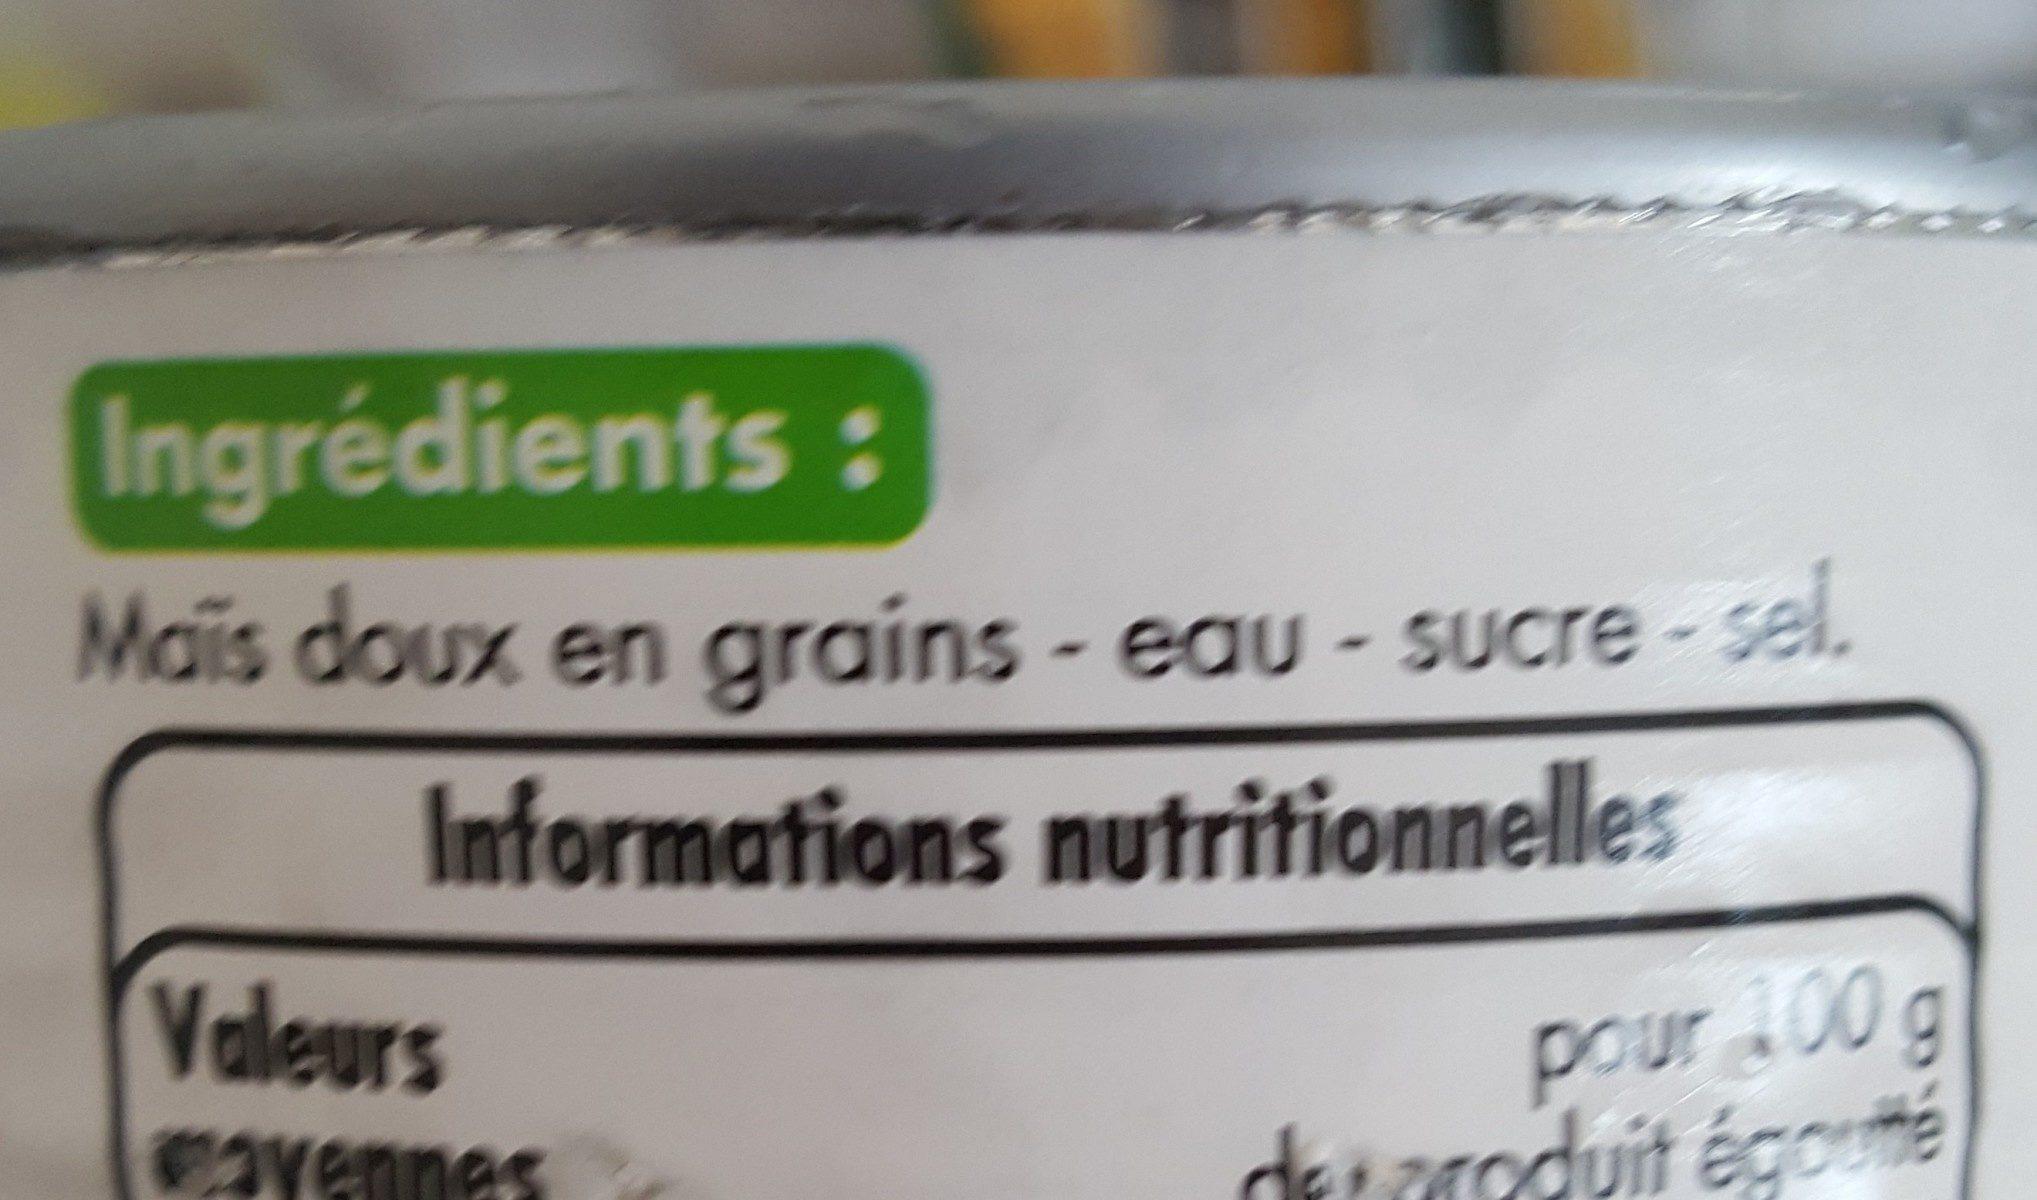 Mais doux en grains sous vide - Ingredients